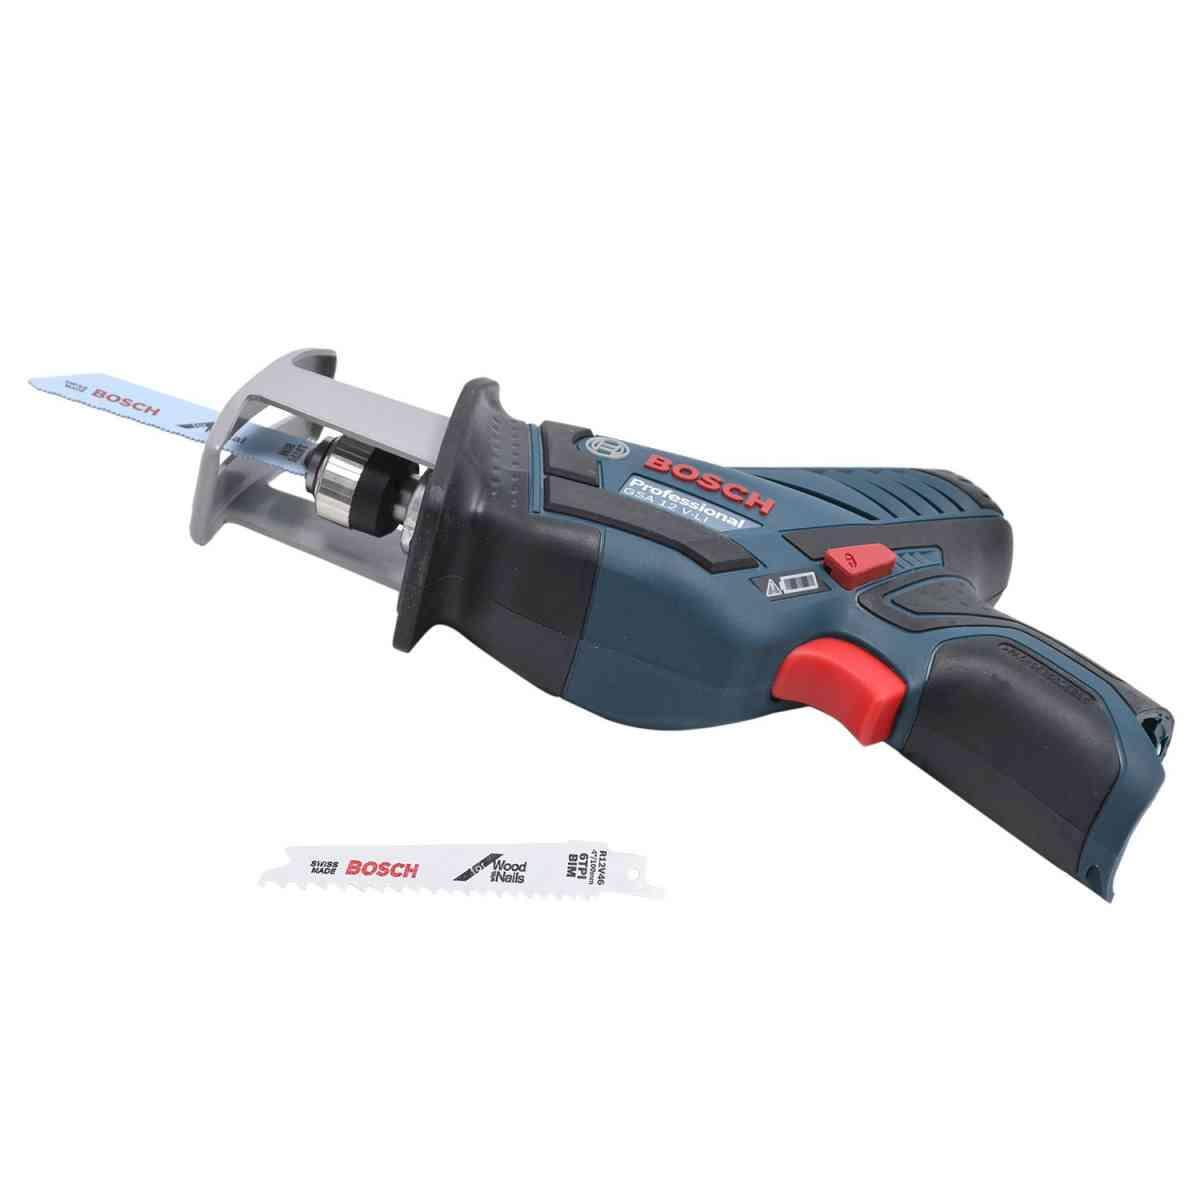 Serra Sabre a bateria GSA 12 V-LI Bosch